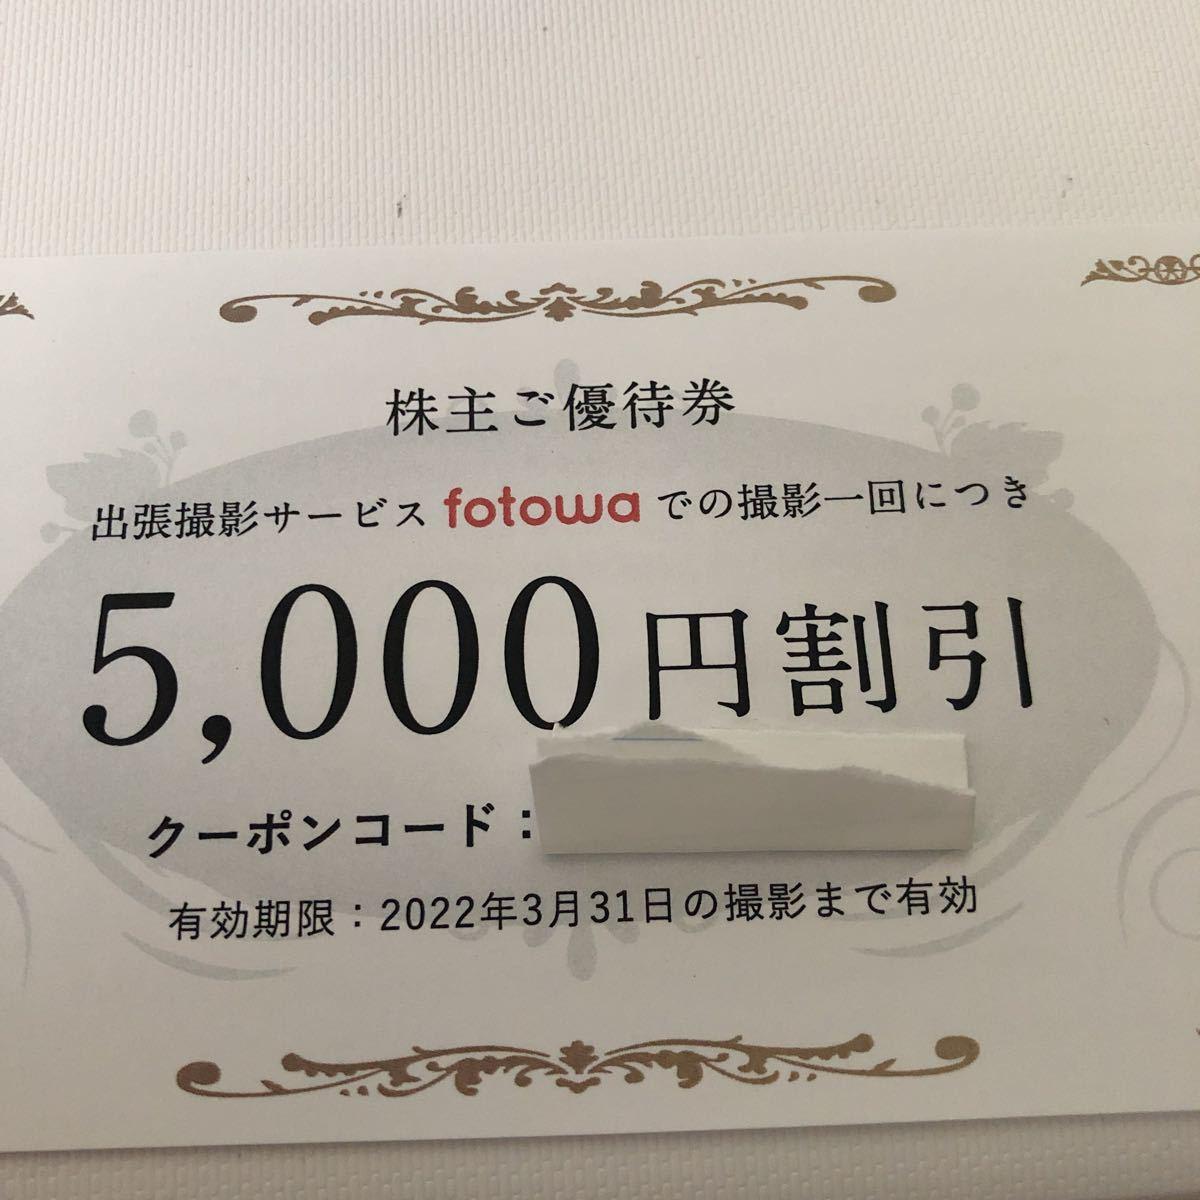 ピクスタ 株主優待 出張撮影サービス fotowaでの撮影1回につき 5000円割引クーポン_画像1